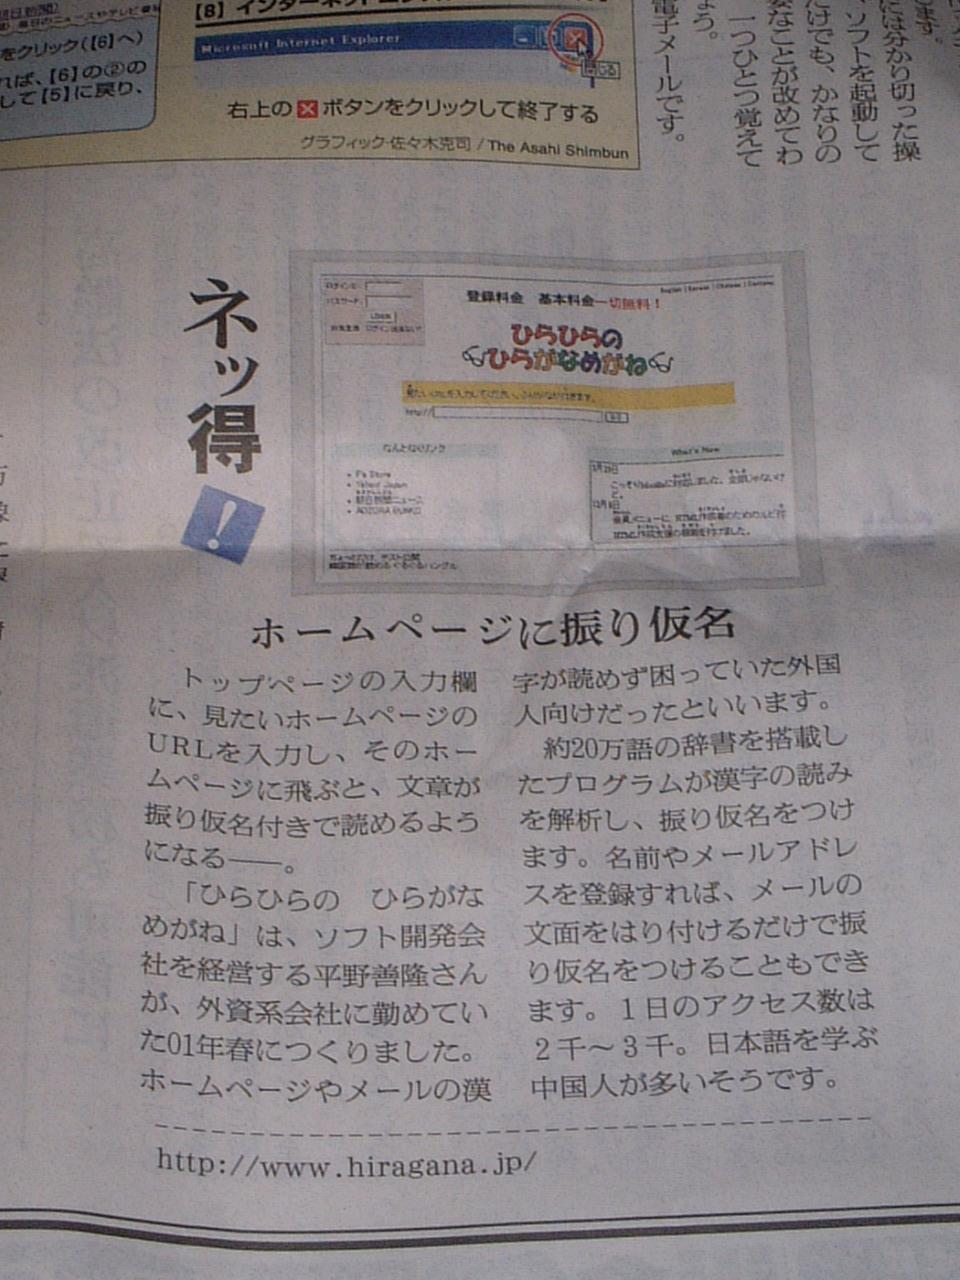 hiraganamegane_asahi.jpg